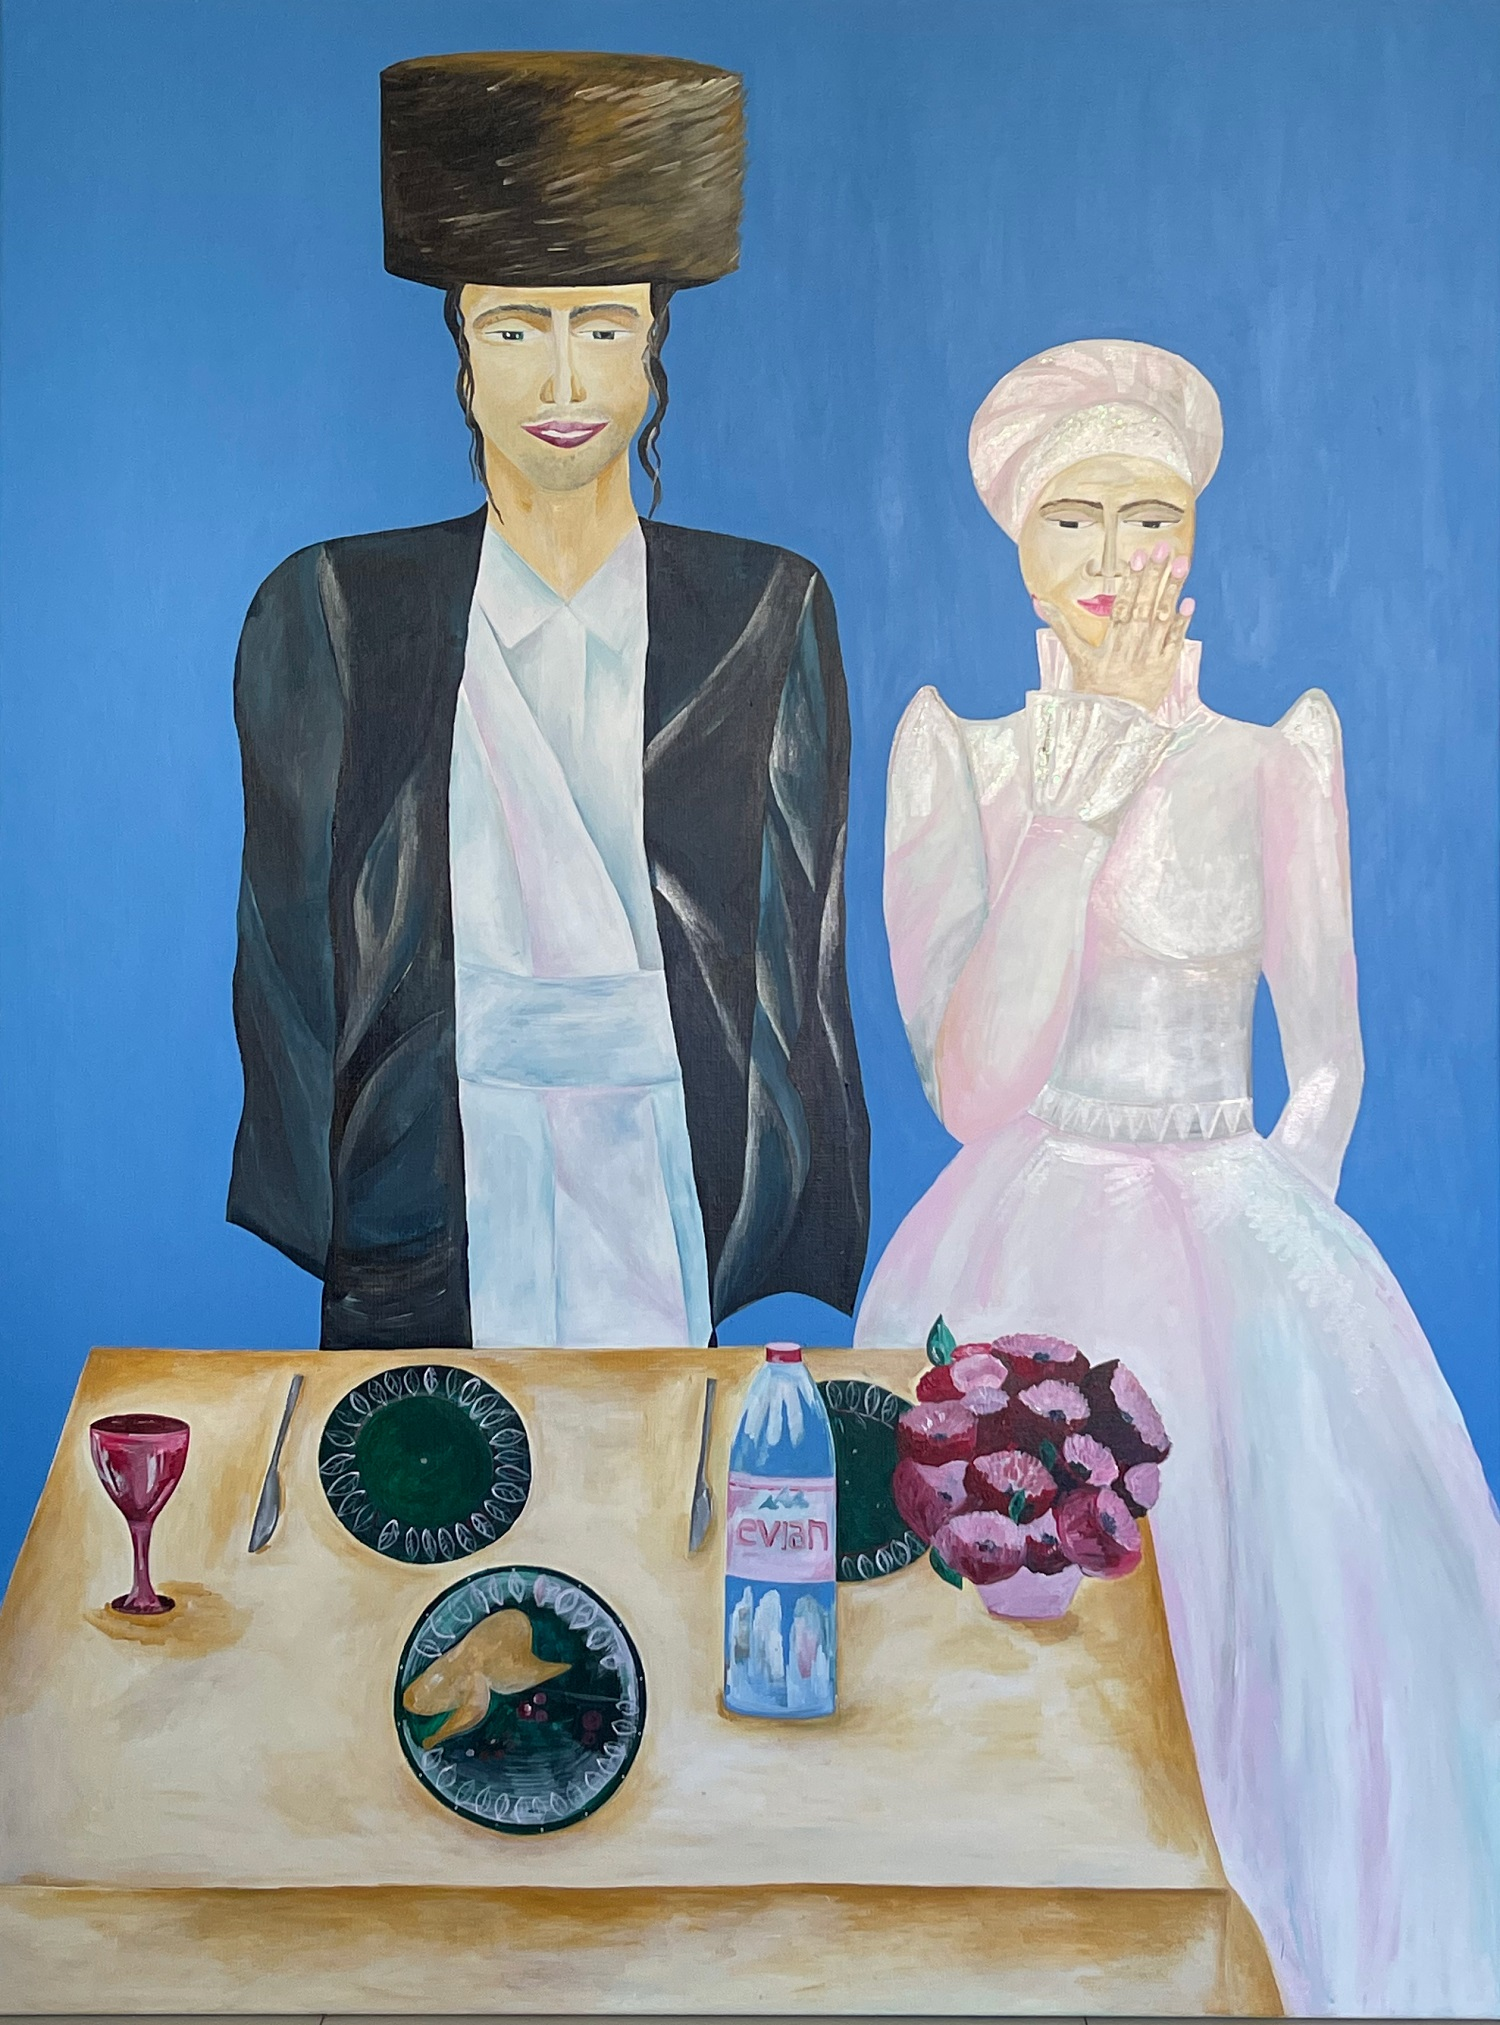 Hasidic wedding, 2021